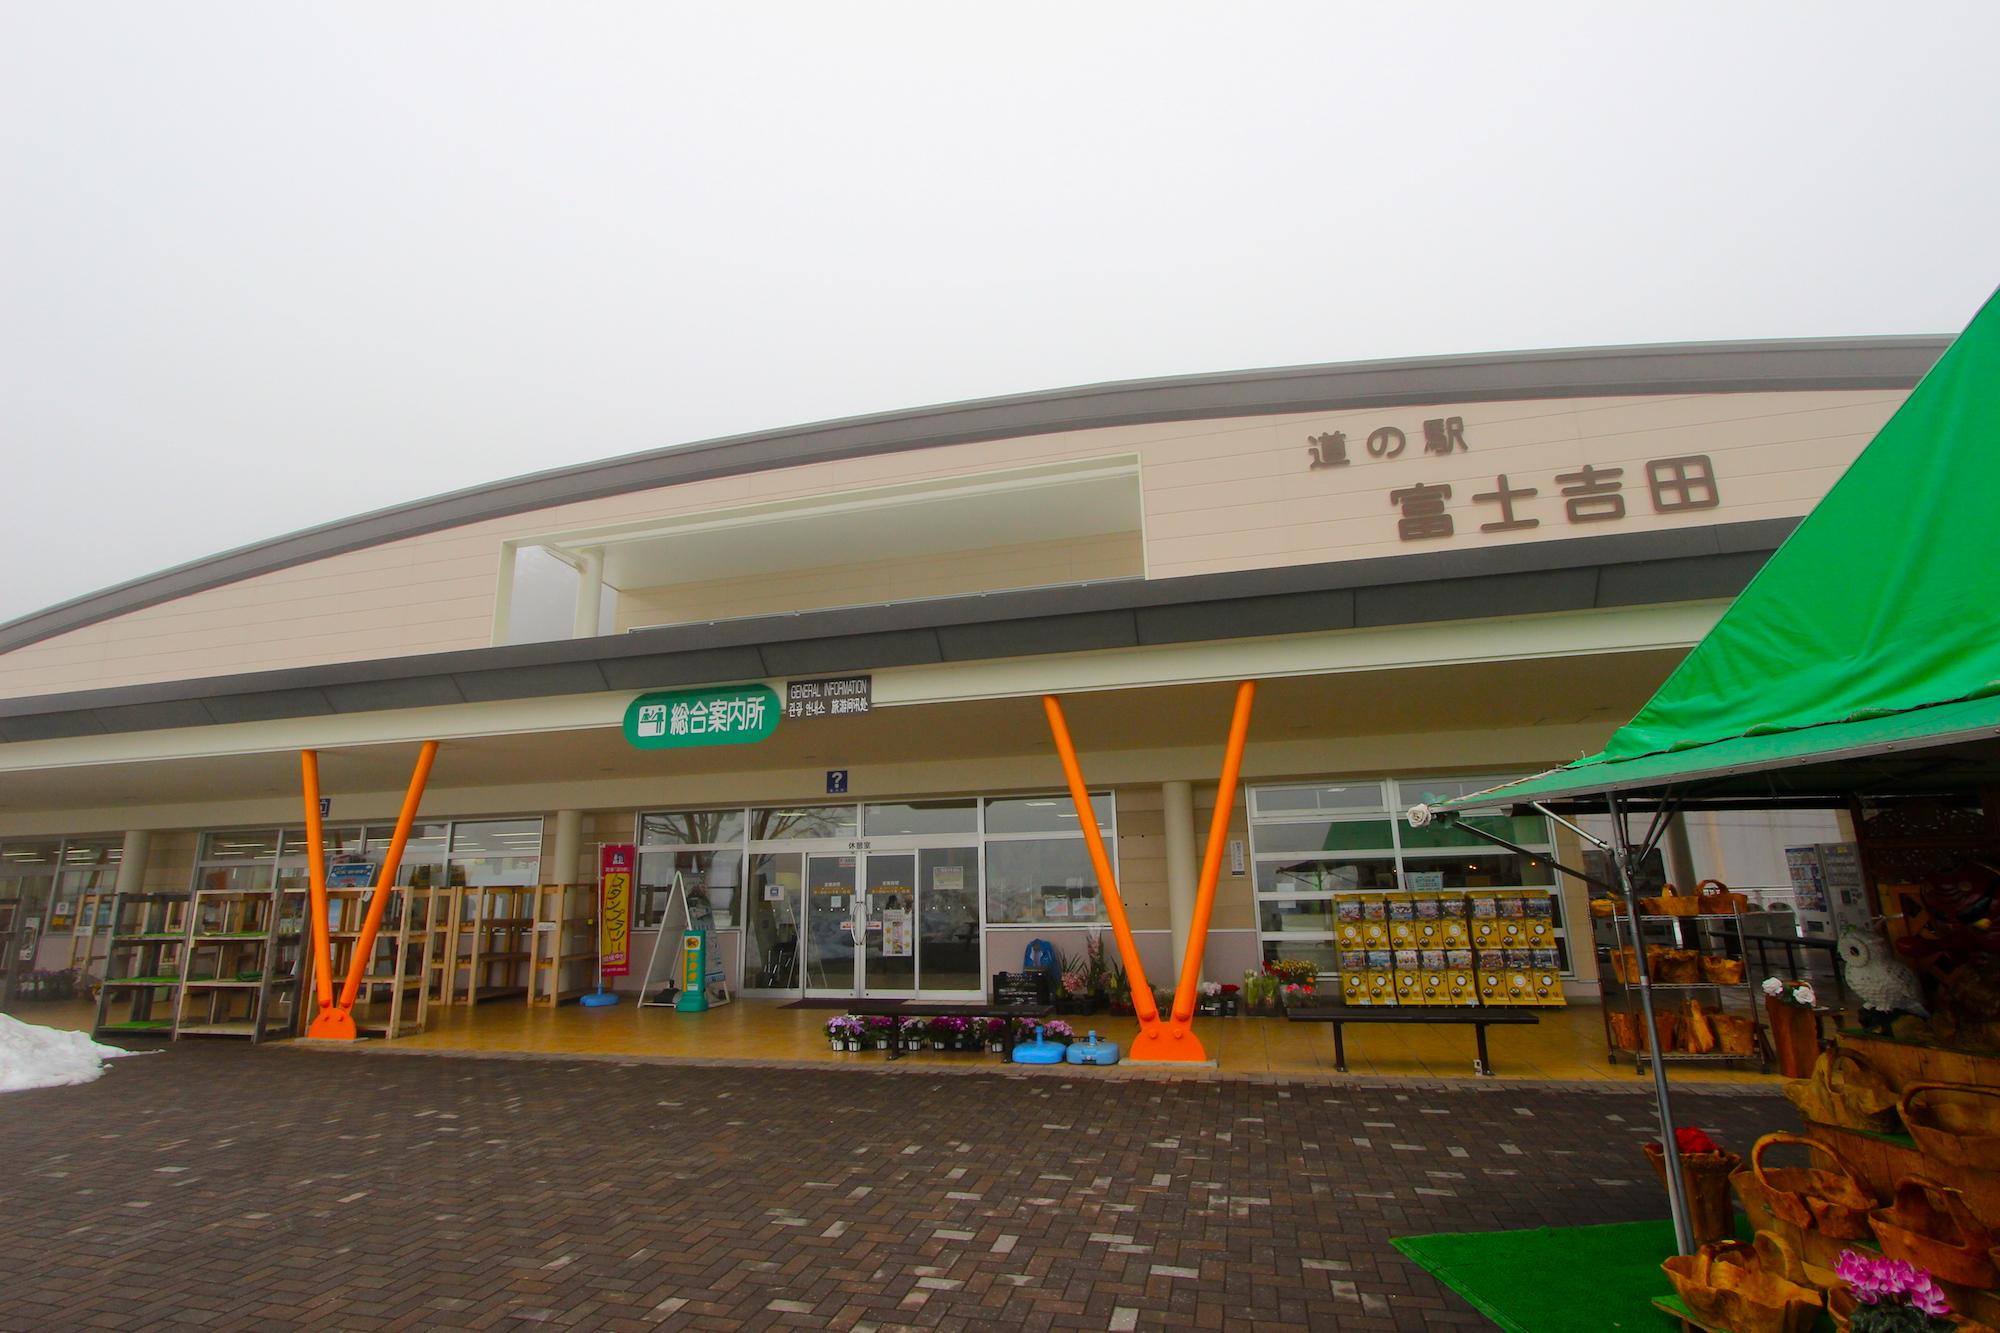 道の駅 富士吉田 外観